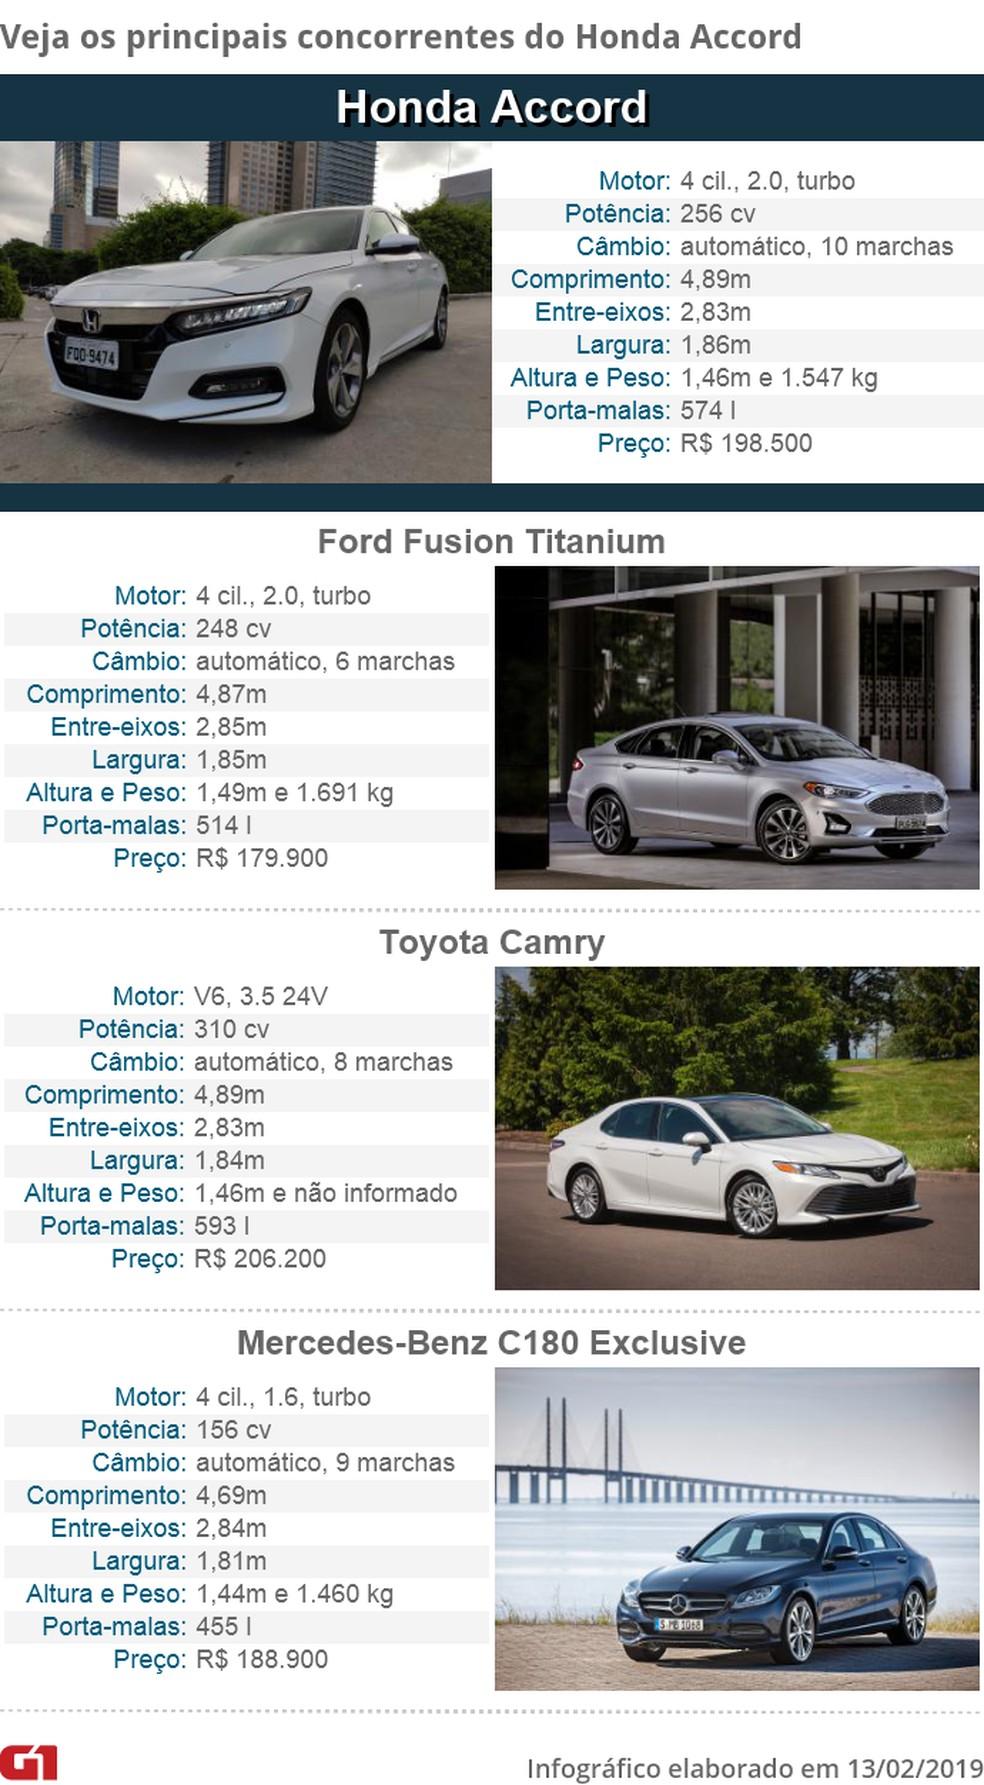 Tabela de concorrentes do Honda Accord — Foto: André Paixão/G1 e Divulgação